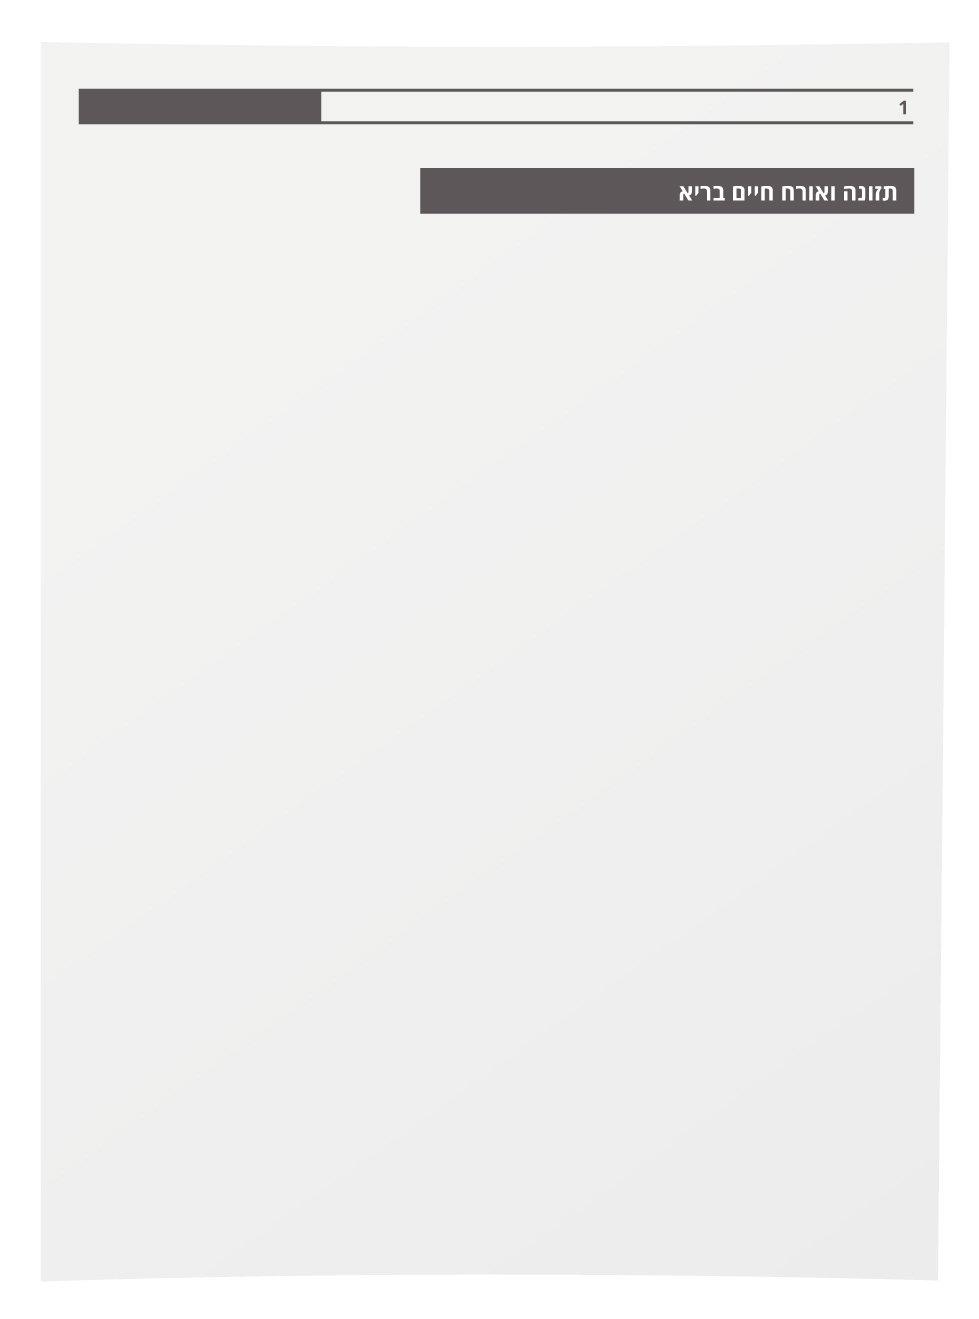 כתבות-ריק-1.jpg